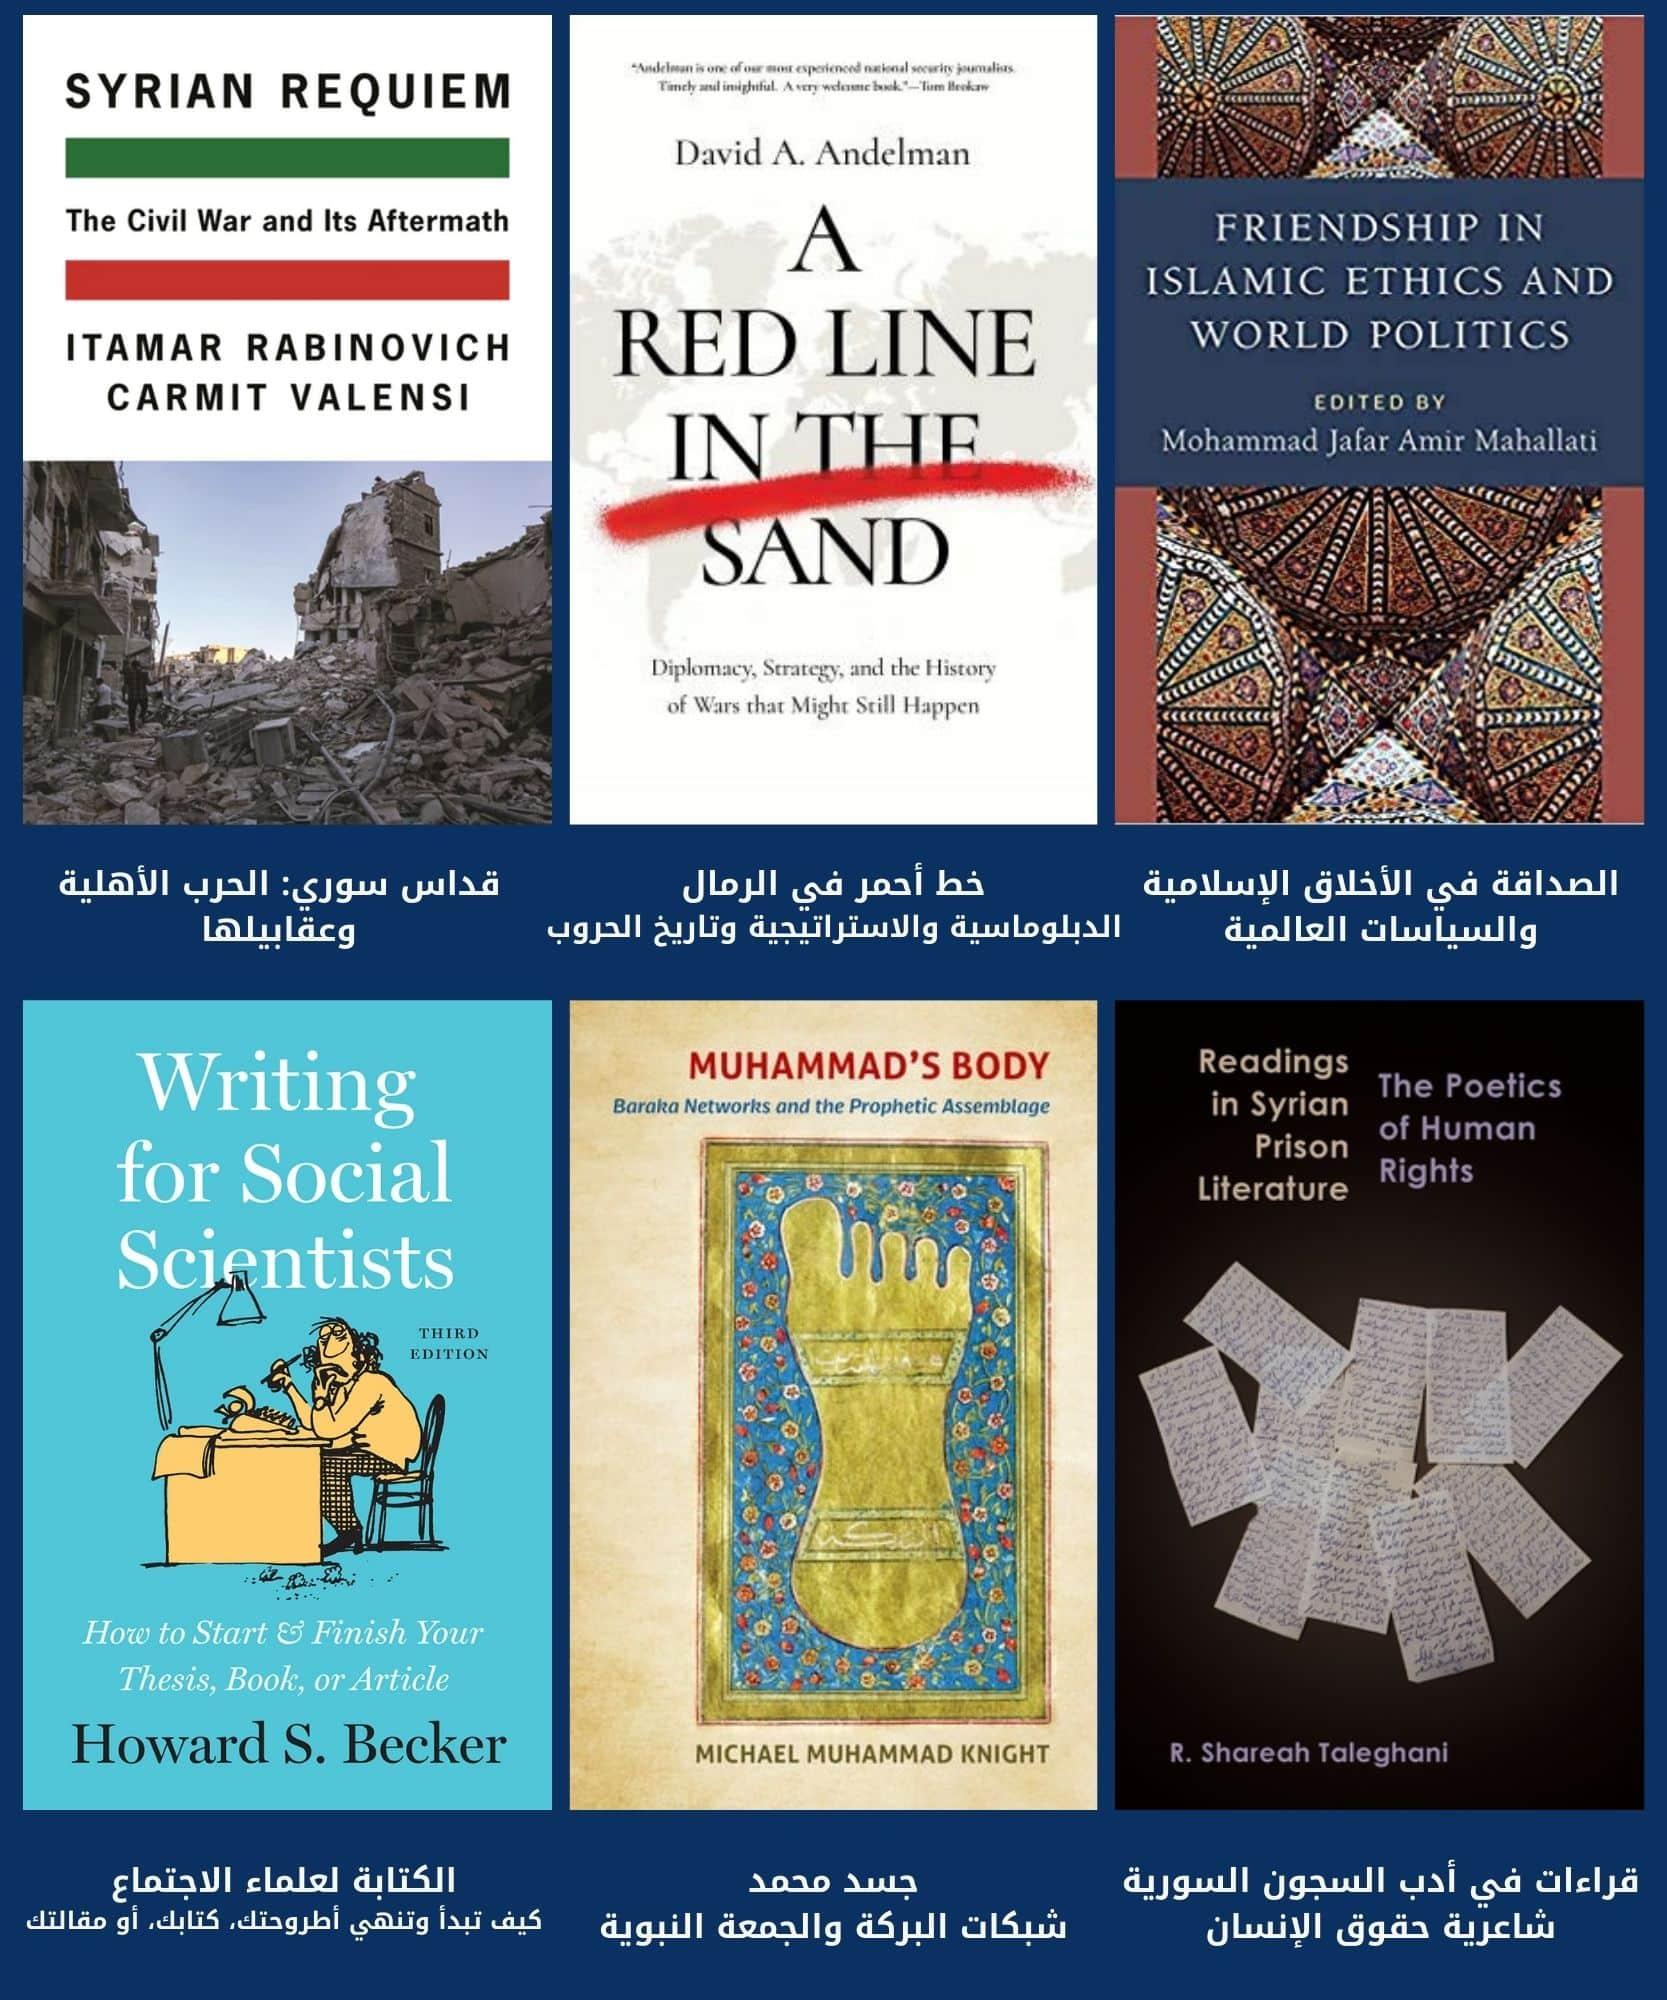 حصلت مؤسسة ميسلون على حقوق ترجمتها ونشرها بالعربية خلال 2021 2022 1